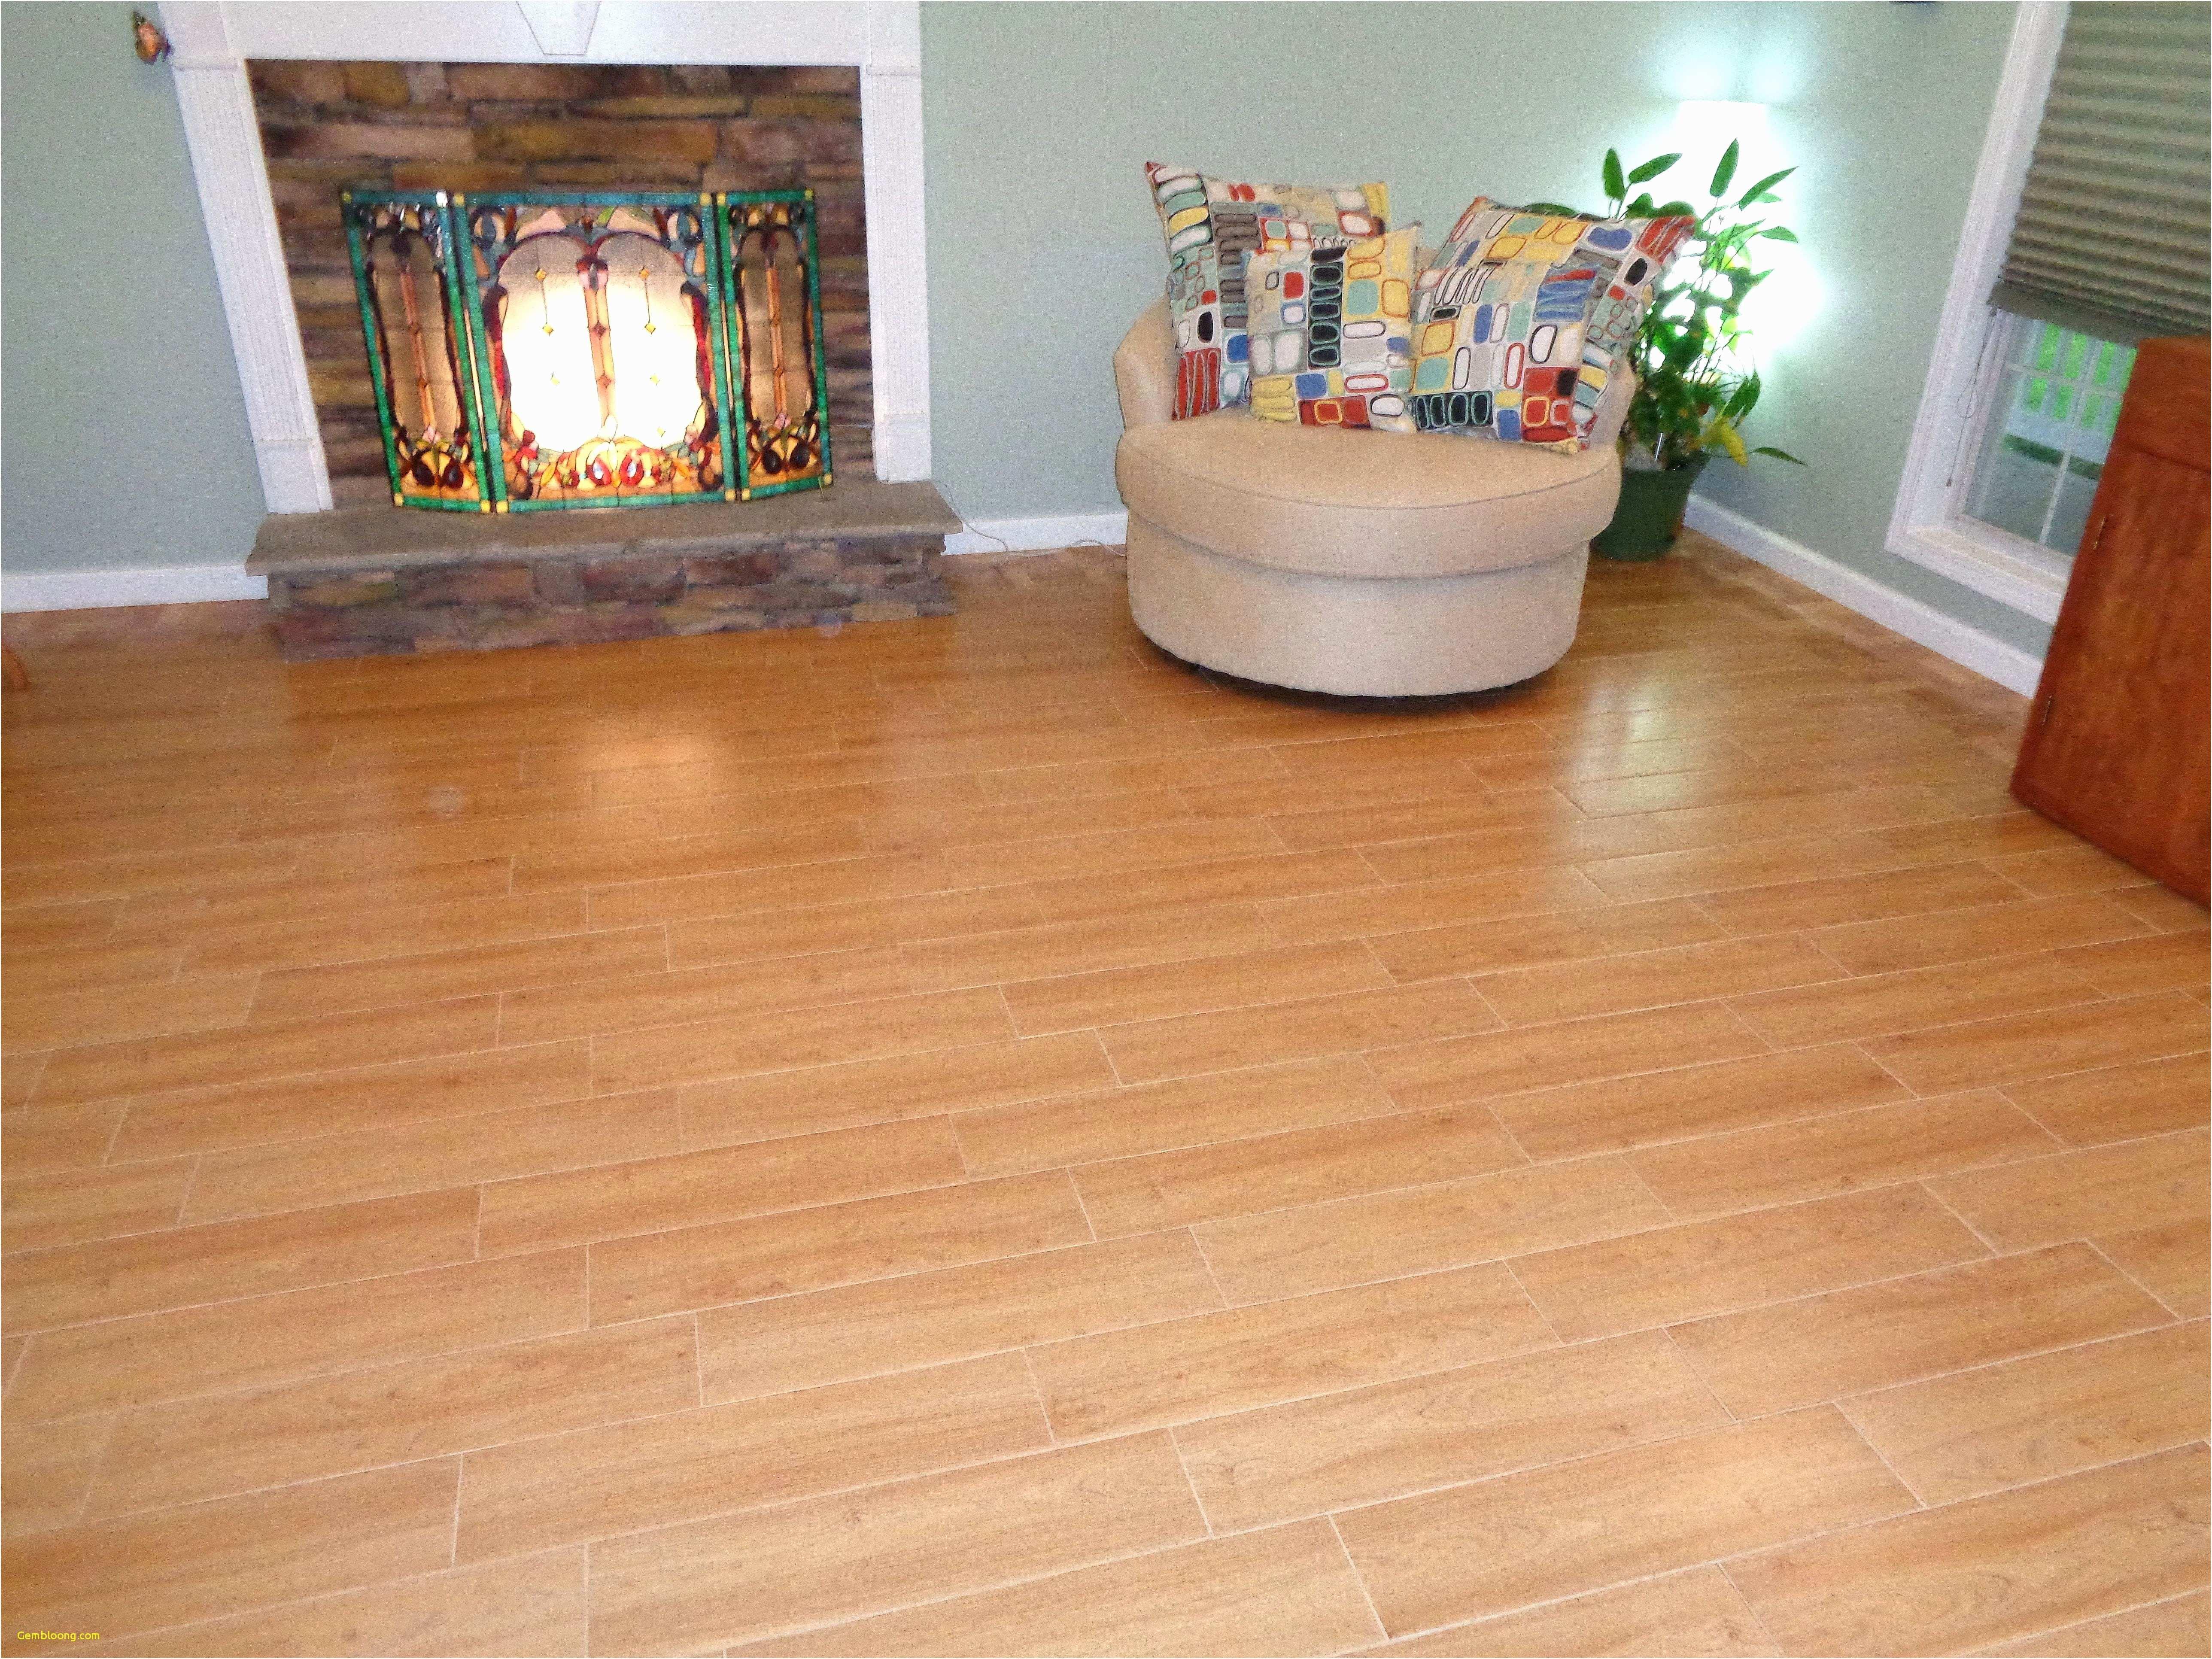 6 hardwood flooring of wood for floors facesinnature with regard to discount laminate flooring laminate wood flooring sale best clearance flooring 0d unique